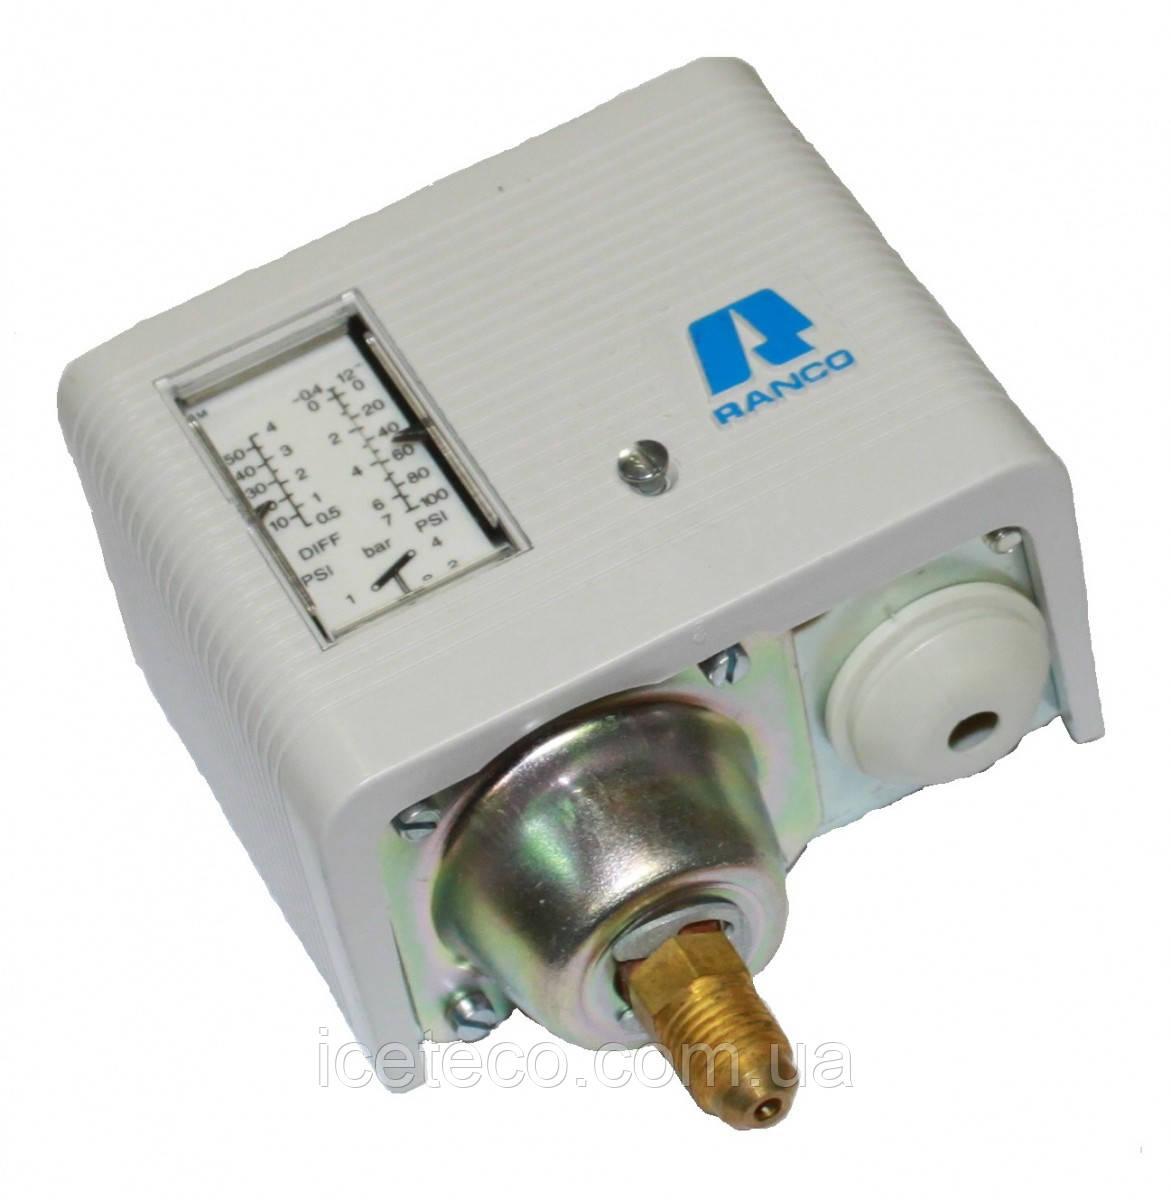 Реле давления Ranco HP, 016-H6751 ручнойсброс